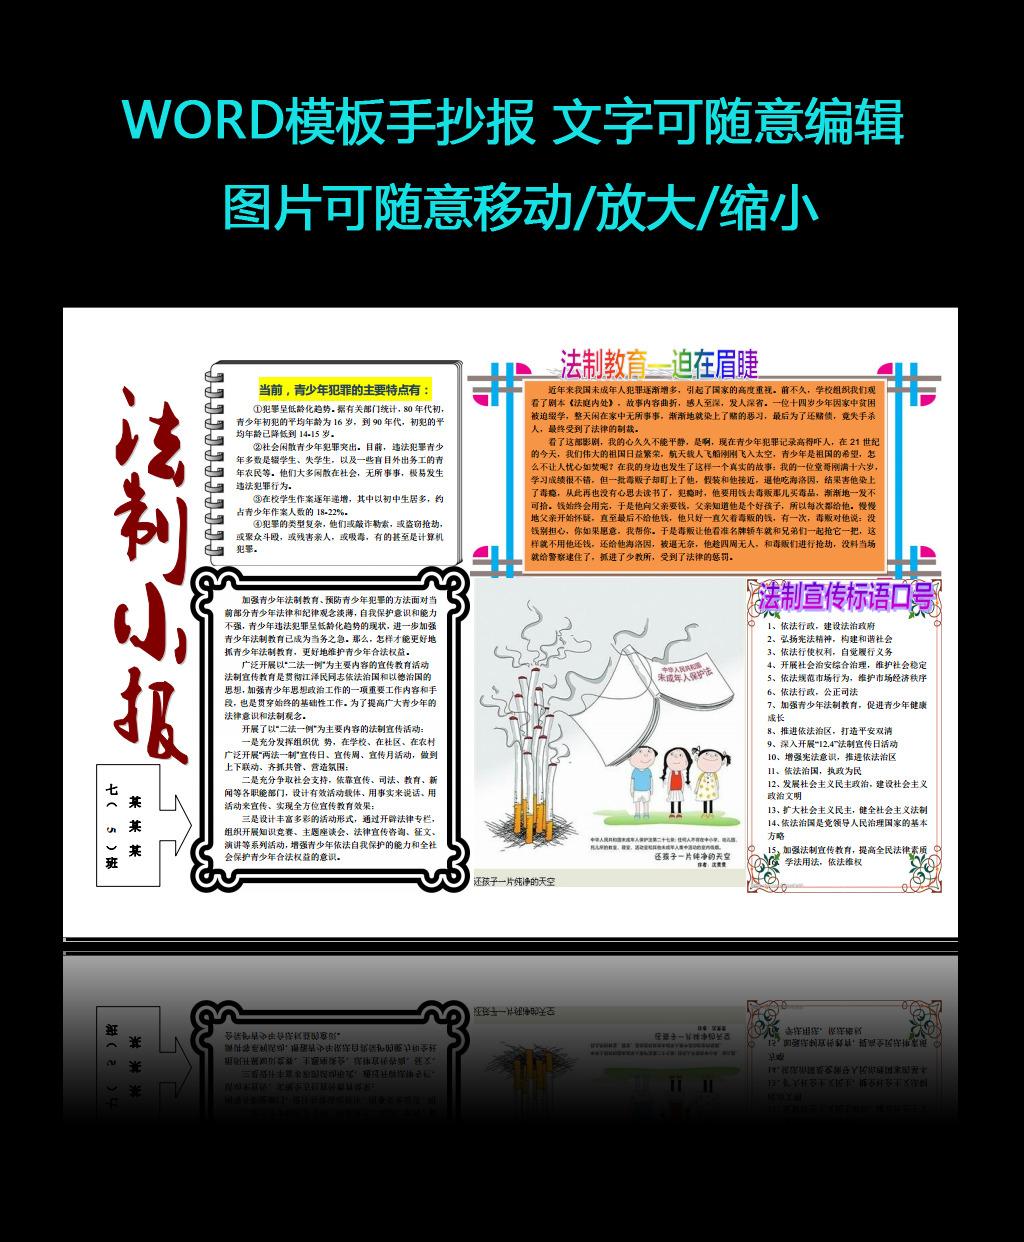 办公|ppt模板 word模板 教育|文学|资格认证 > 校园标语法制宣传小报w